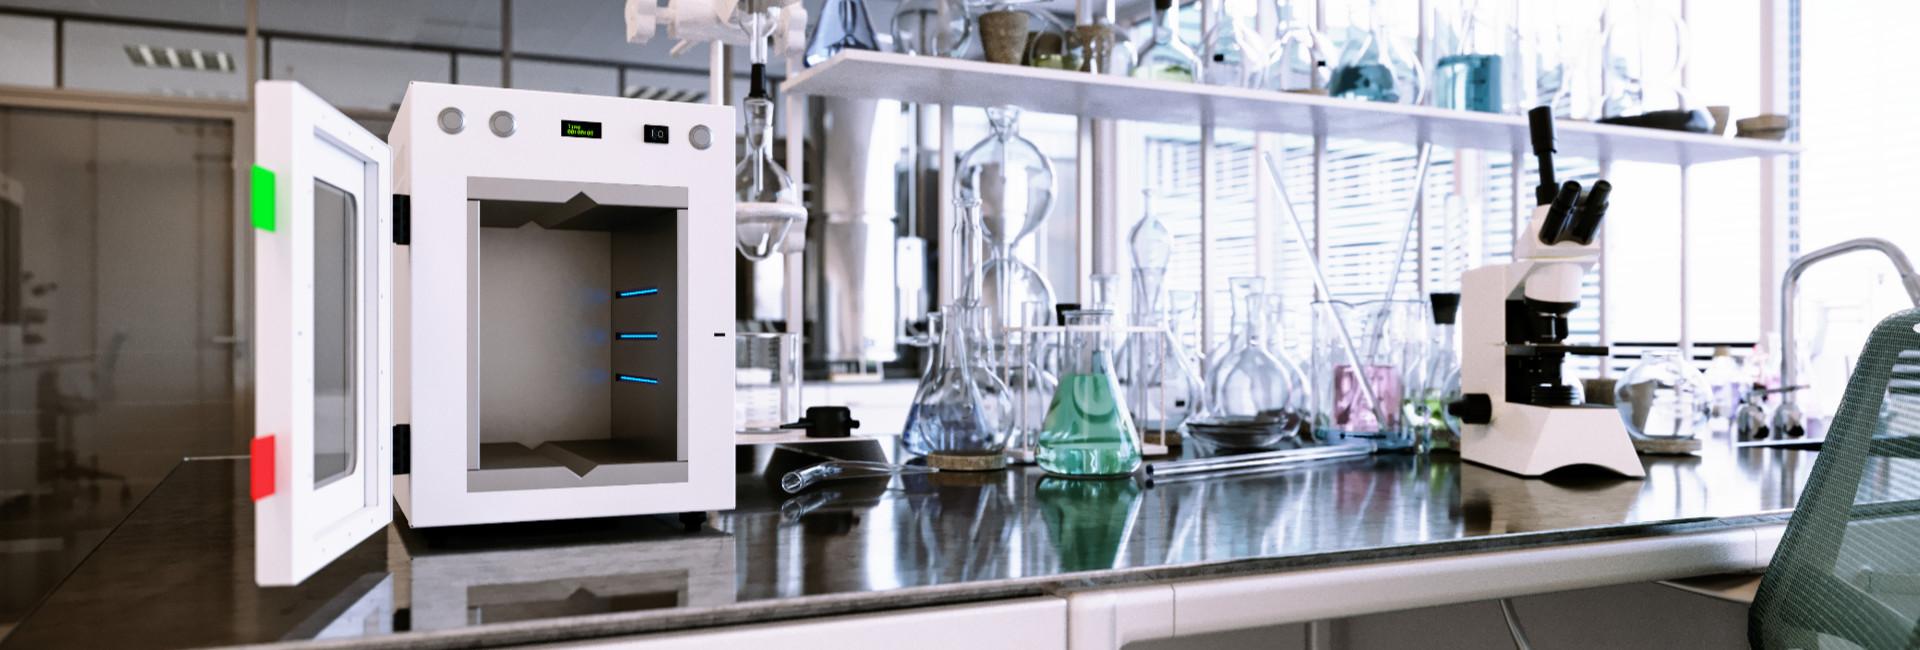 UV-C desinfectie in Laboratoria